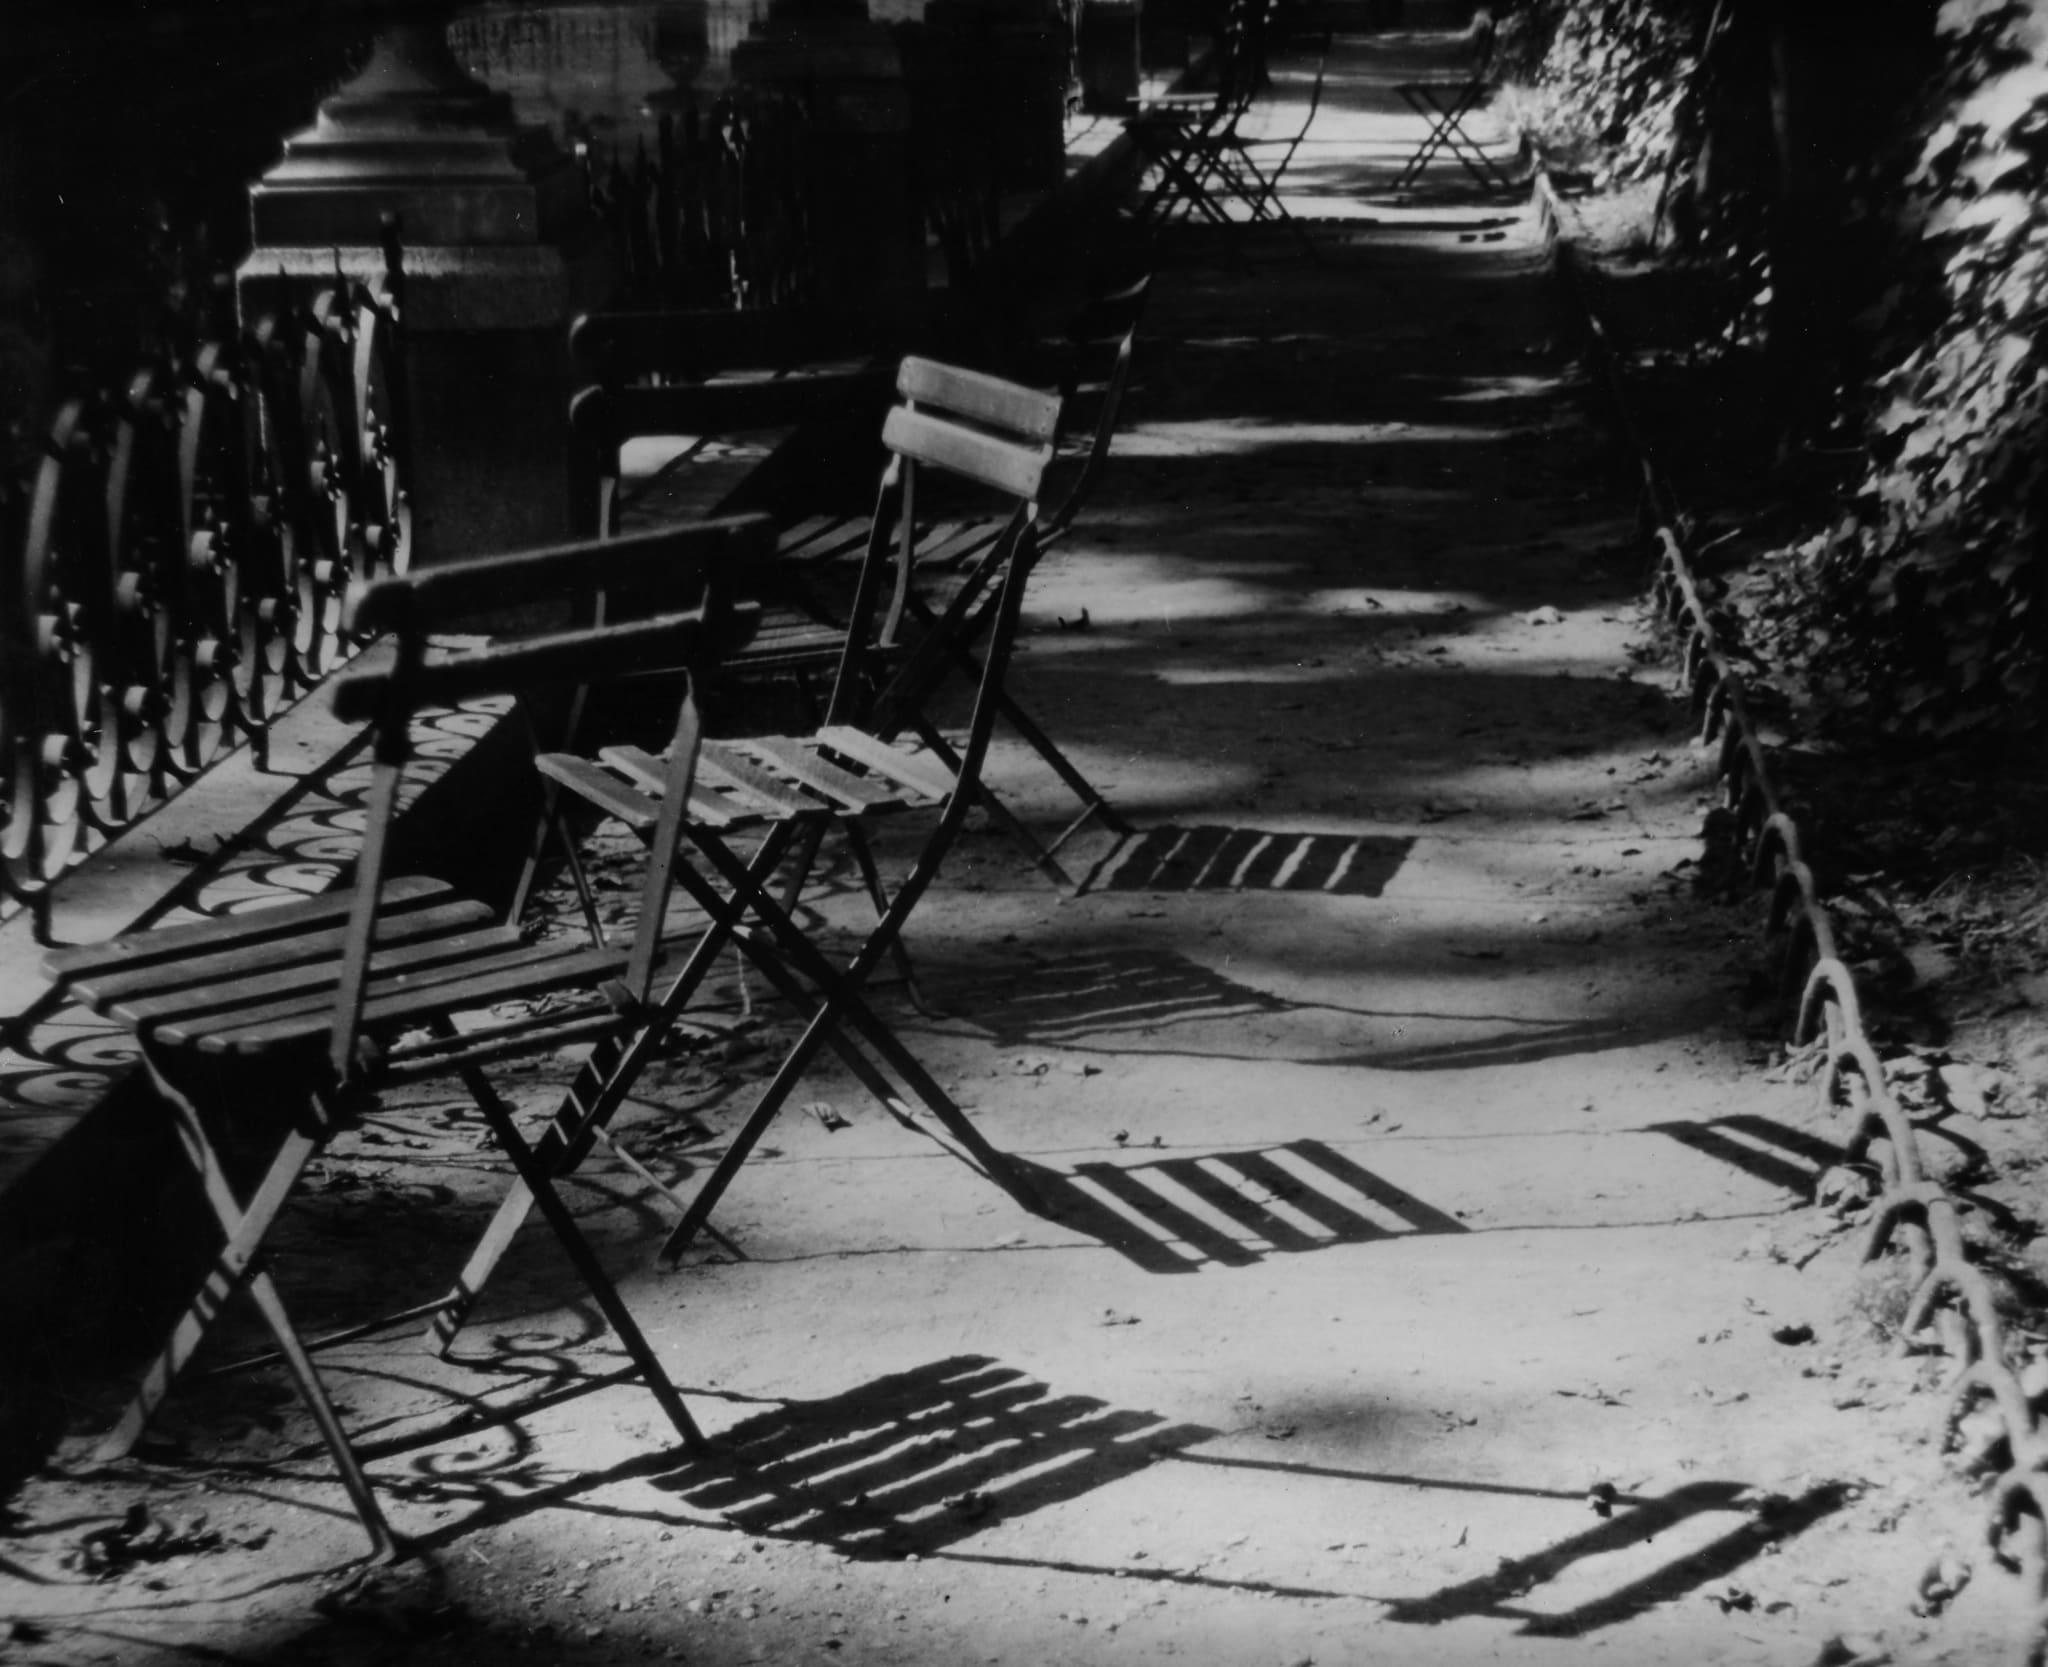 Chairs, The Medici Fountain, Paris by André Kertész